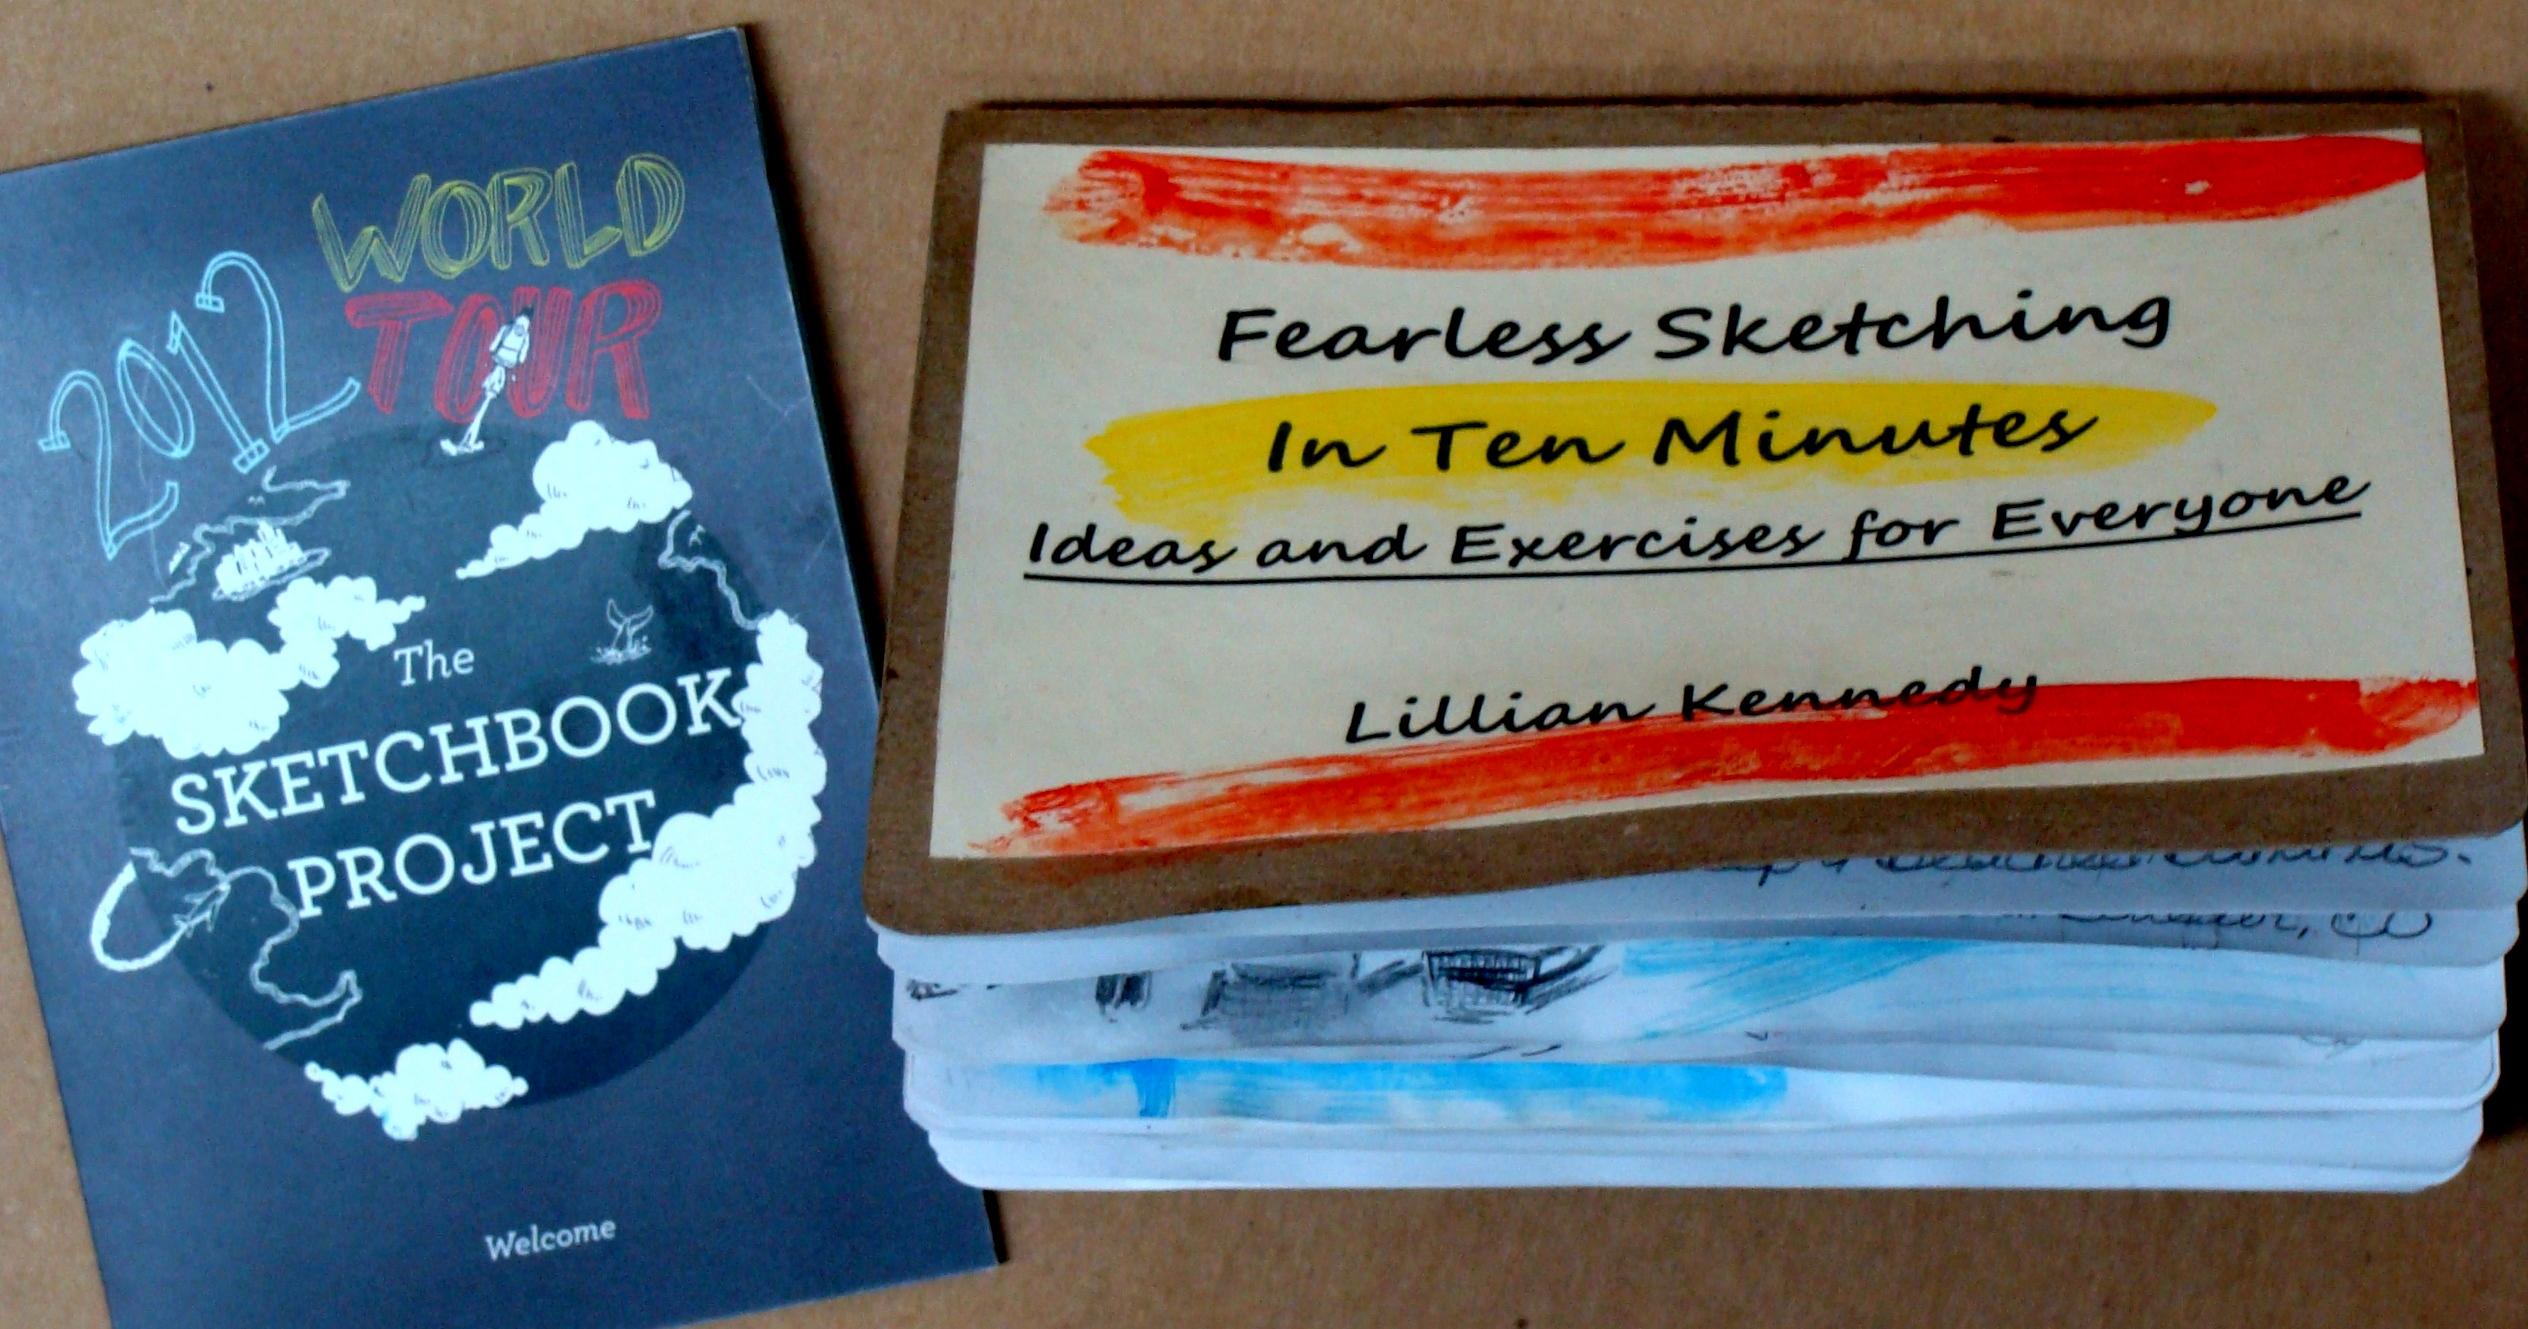 Lillian Kennedy, sketchbook project, In Ten Minutes